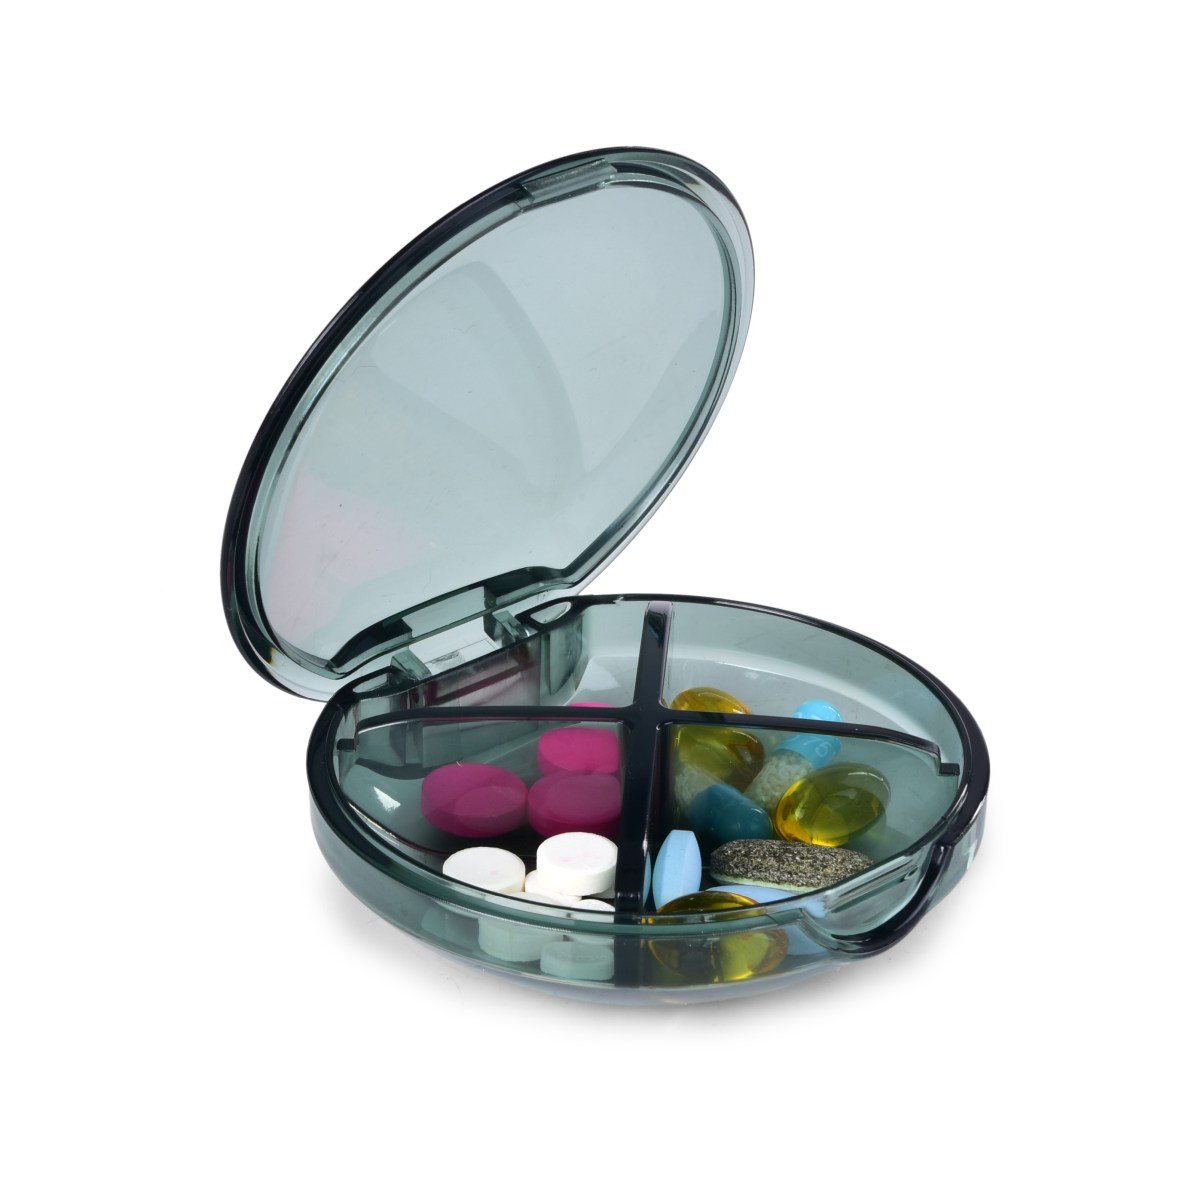 LÉKOVNÍK/VITAMÍNOVNÍK, průhledný zásobník na léky a vitamíny